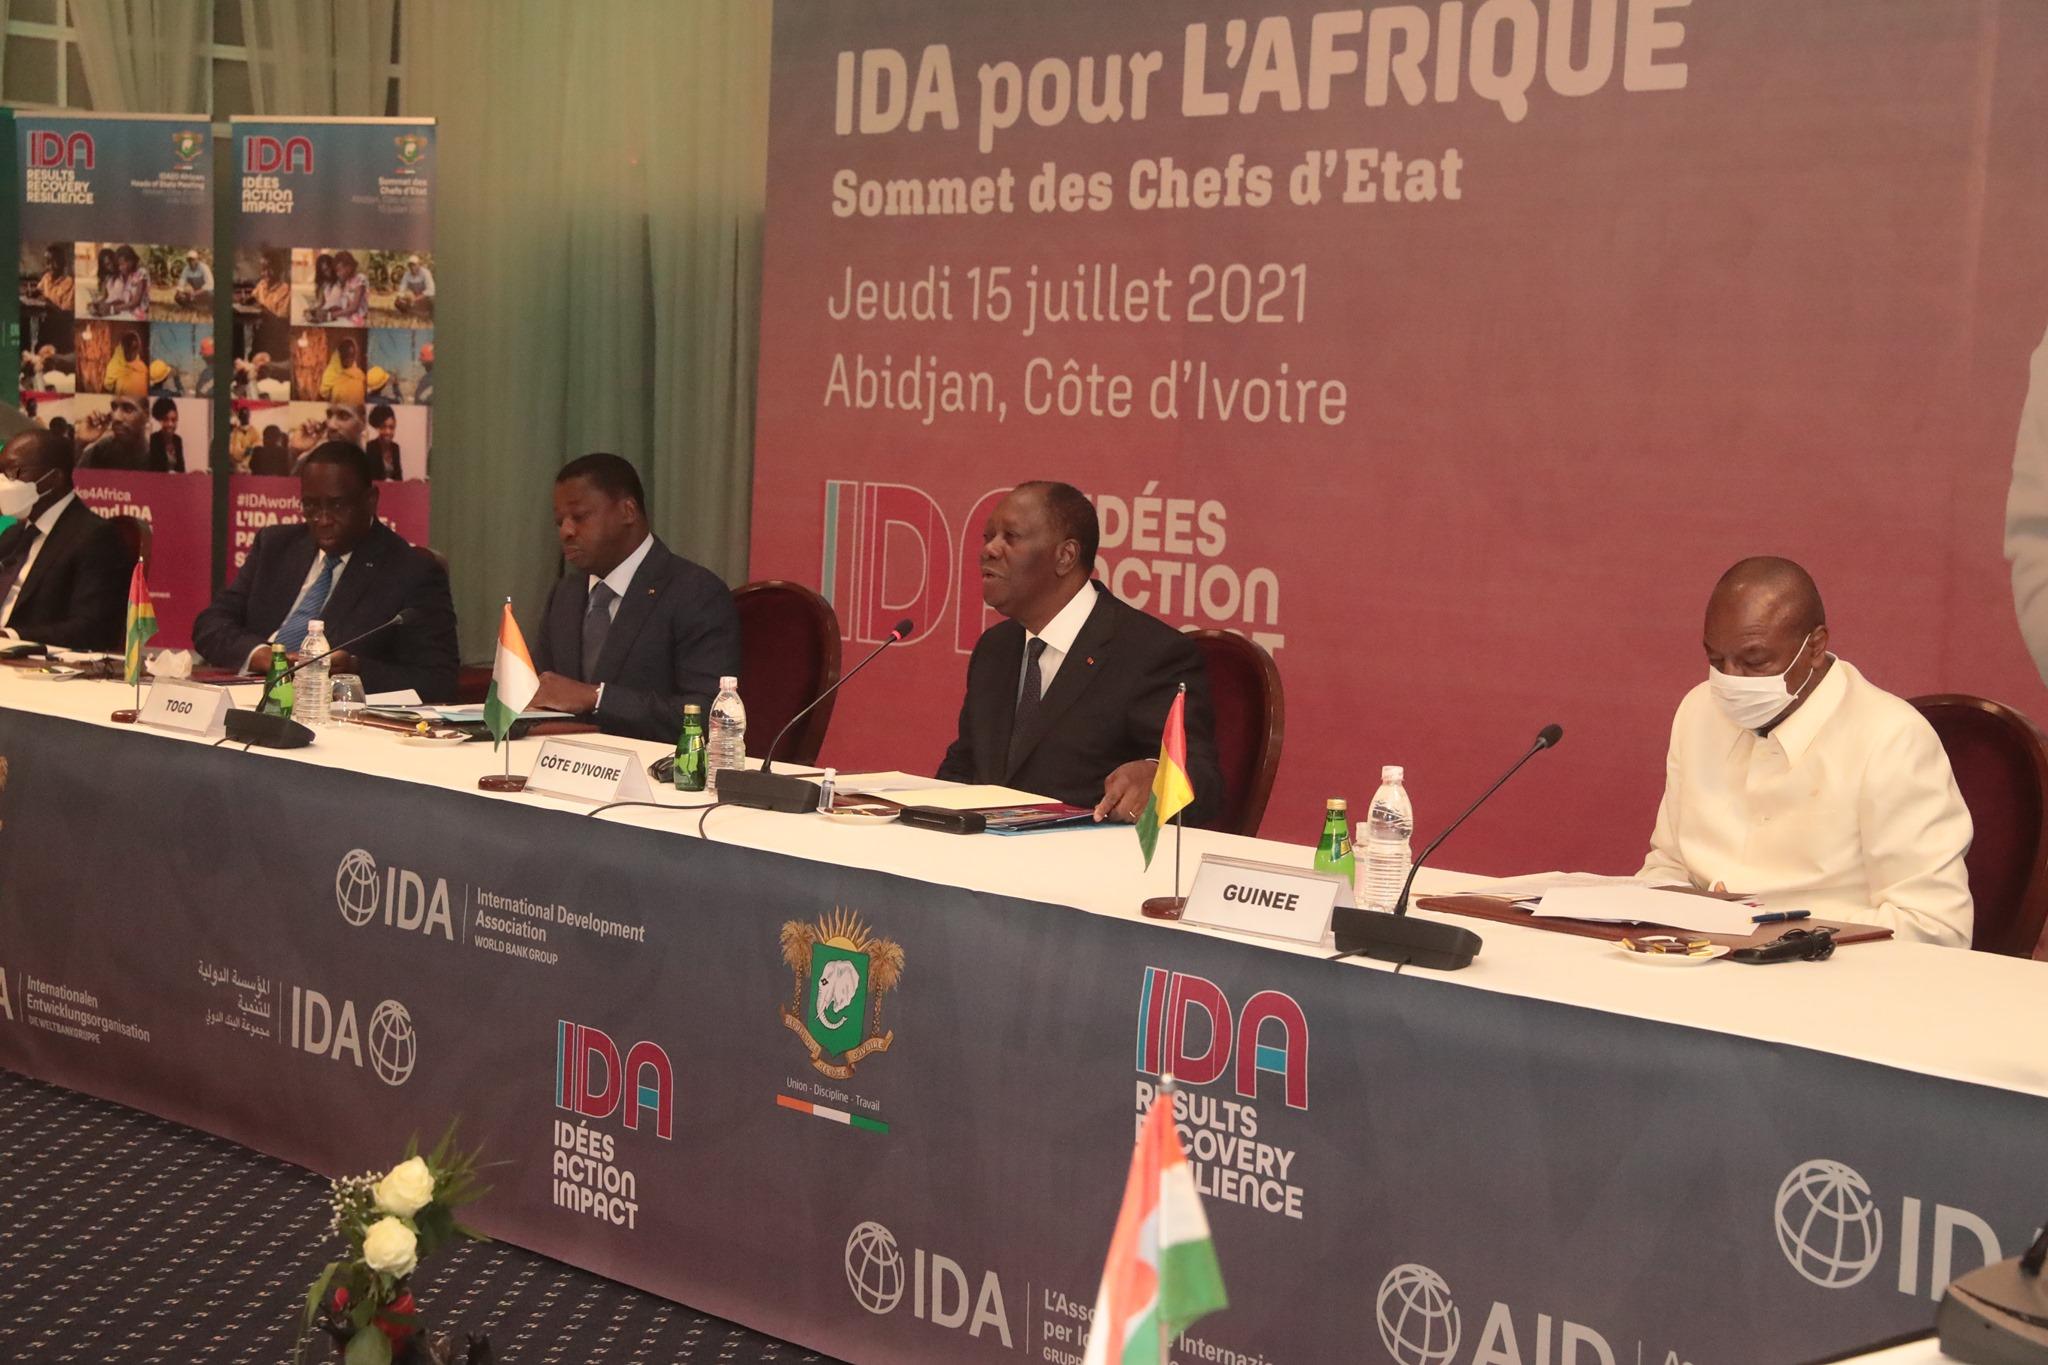 sommet-sur-la-20e-reconstitution-des-ressources-de-lassociation-internationale-de-developpement-ida-20-lallocution-du-president-alassane-ouattara